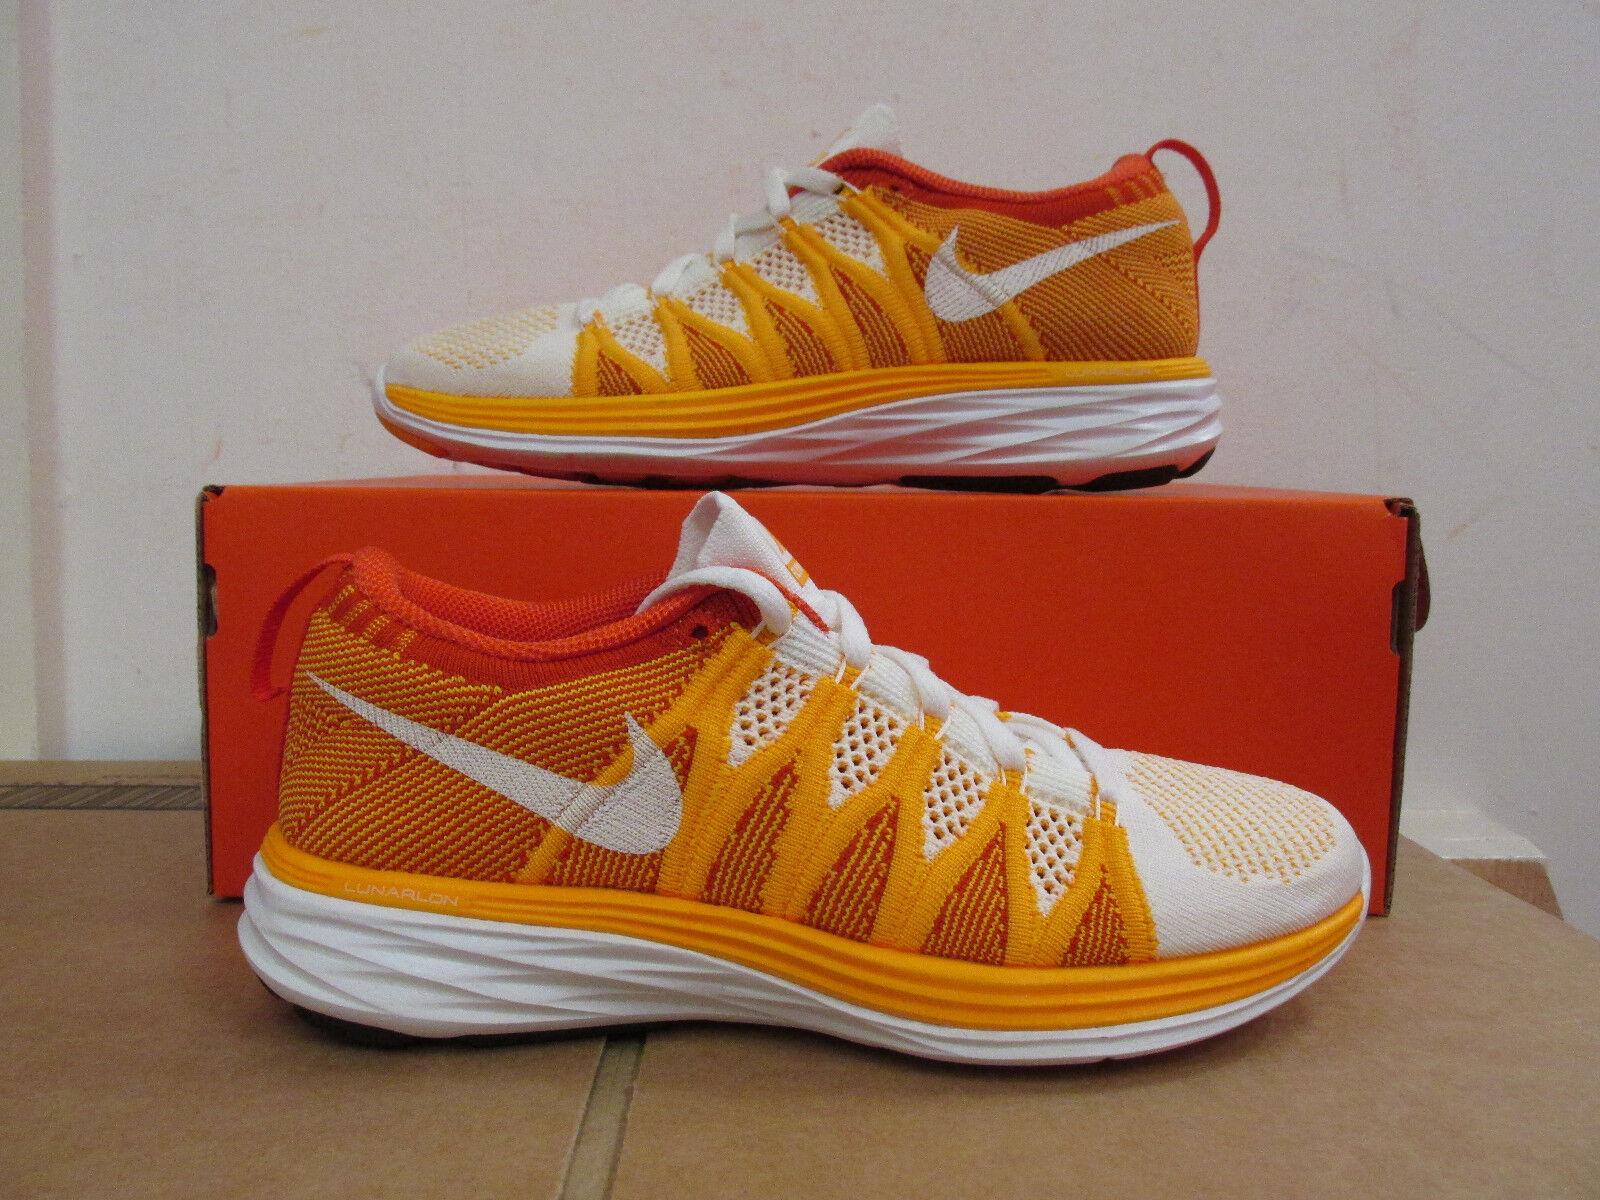 Nike Da Donna FLYKNIT LUNAR ginnastica 2 Running Scarpe da ginnastica LUNAR 620658 101 Scarpe SVENDITA f03d55